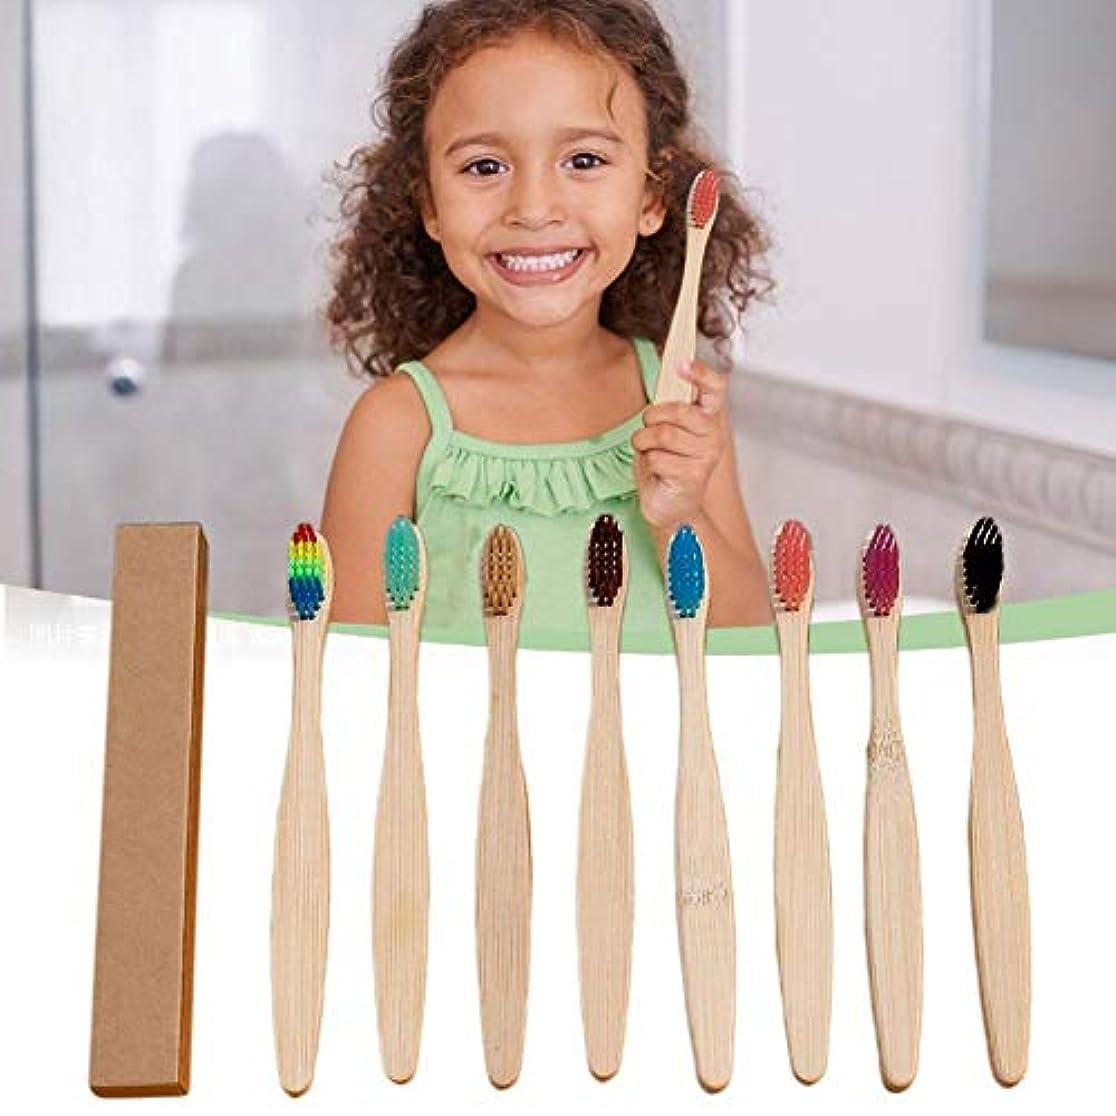 博覧会味シェルター10色竹歯ブラシ子供用竹歯ブラシソフトブリストル子供用歯ブラシセット口腔ケア用